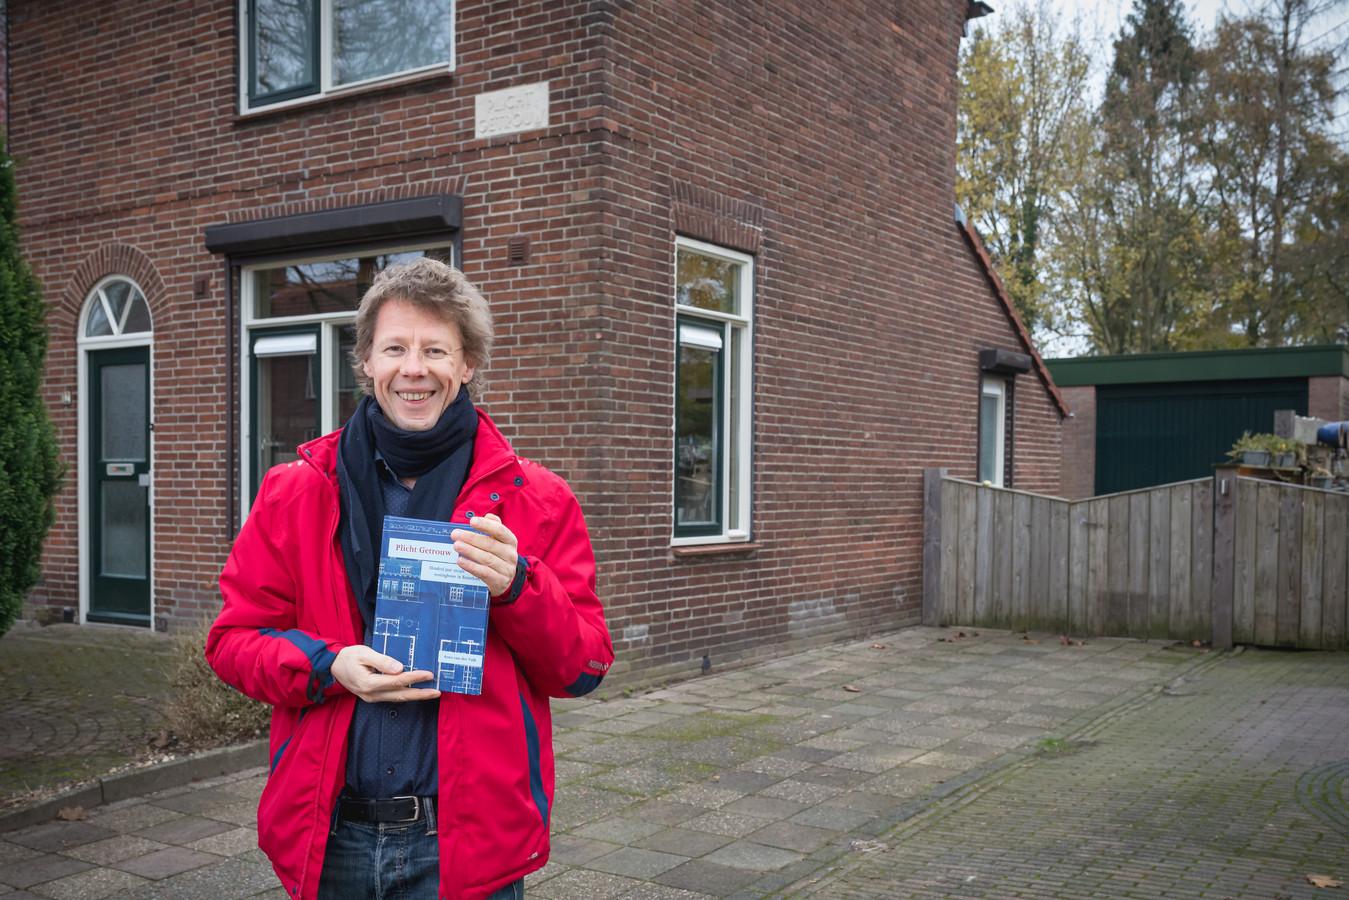 """Arno van der Valk met zijn boek over Plicht Getrouw. ,,Dat eigenzinnige vind ik wel charmant."""""""